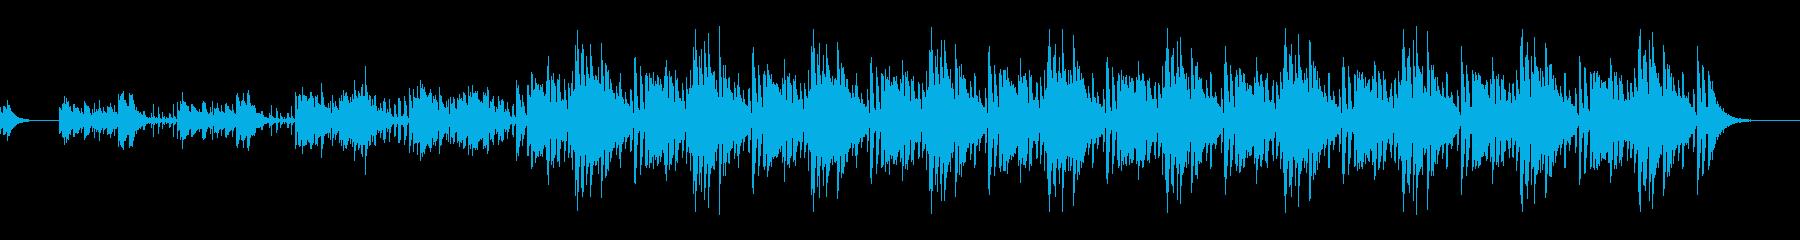 ノービートバージョンの再生済みの波形